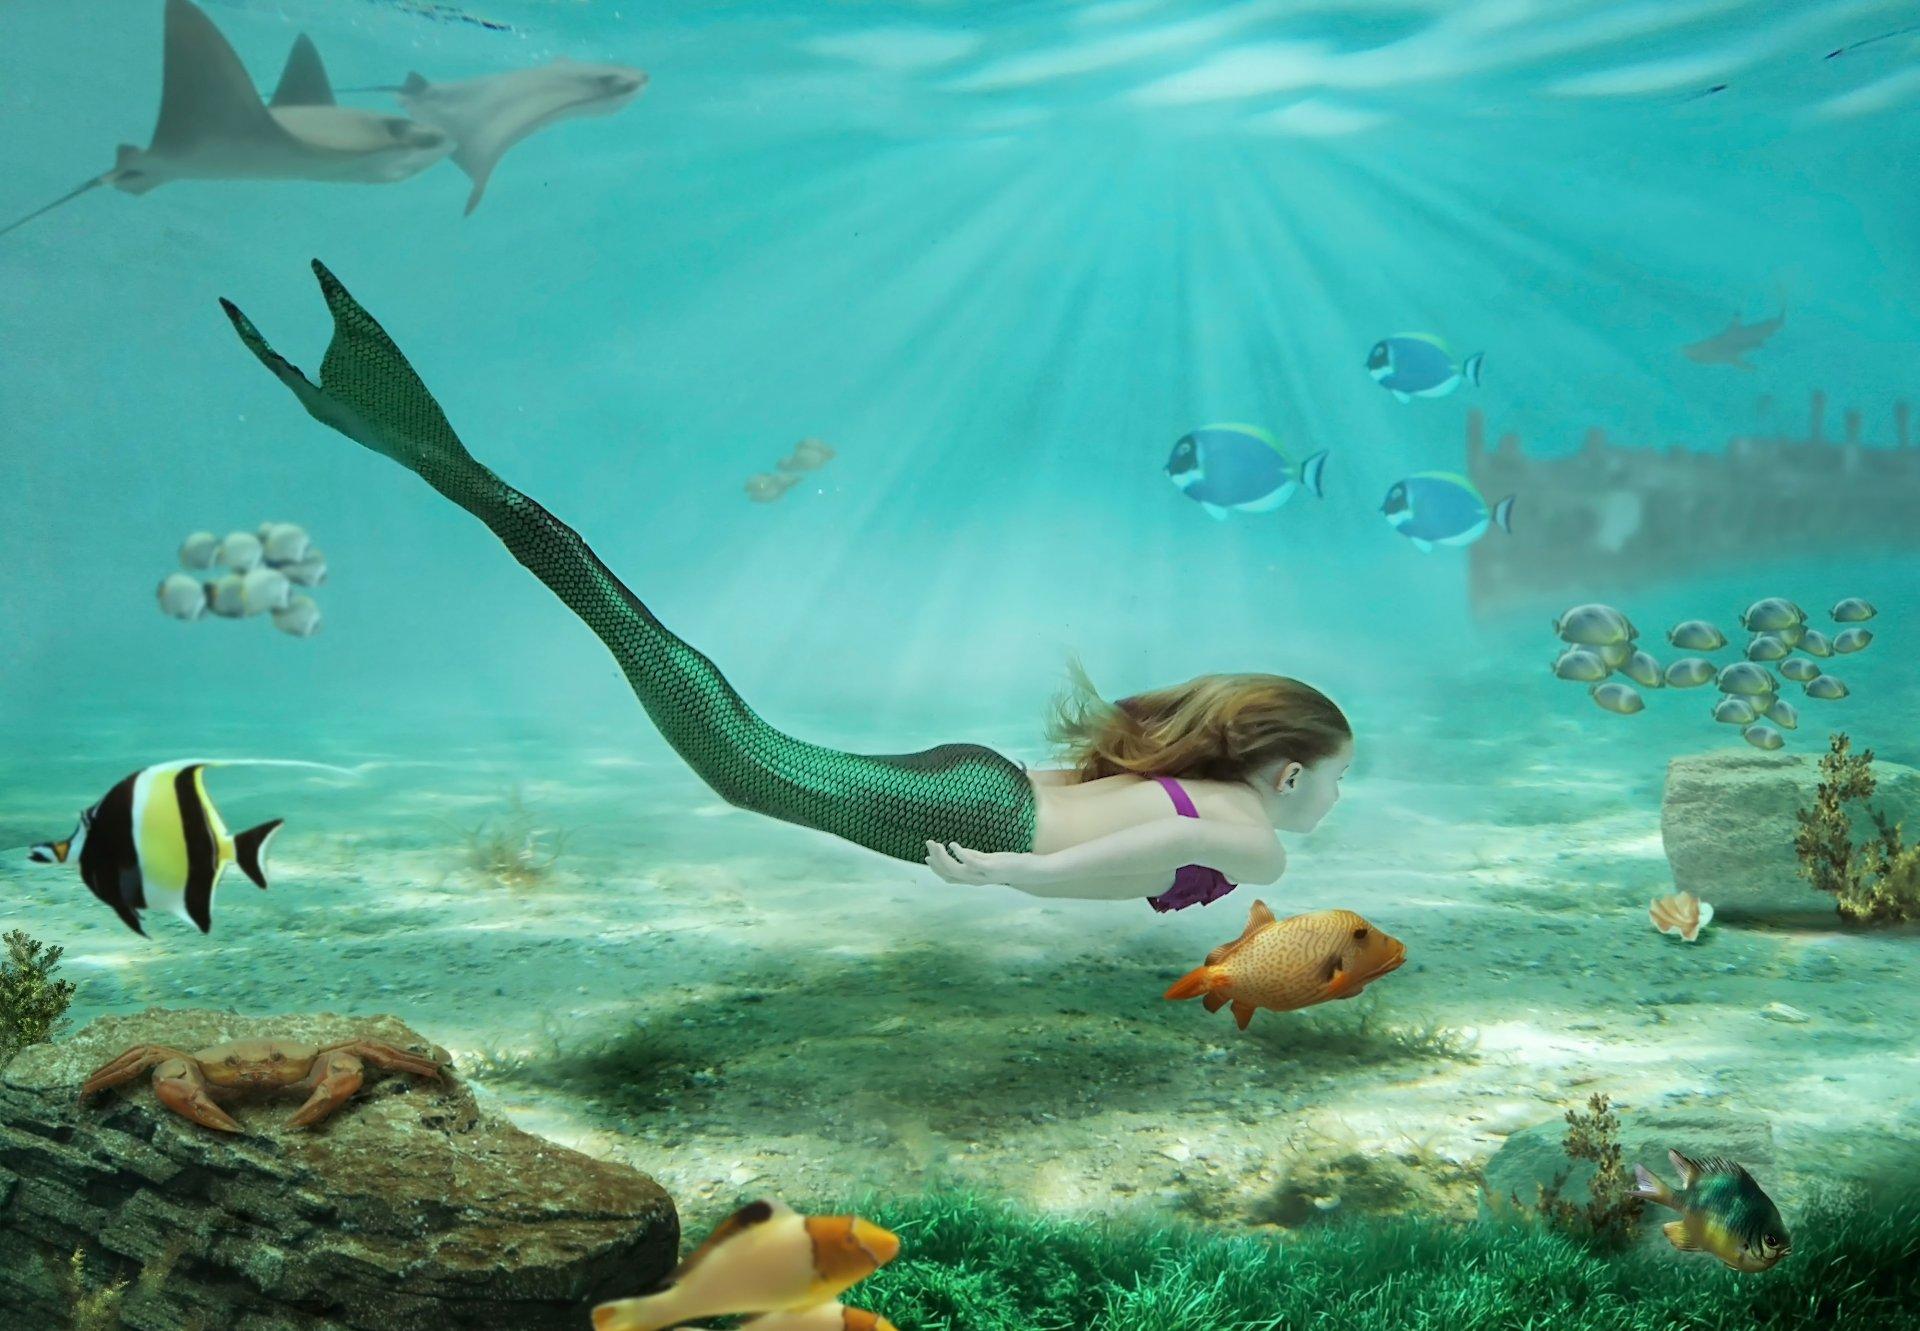 картинки подводного мира или с русалками базовой